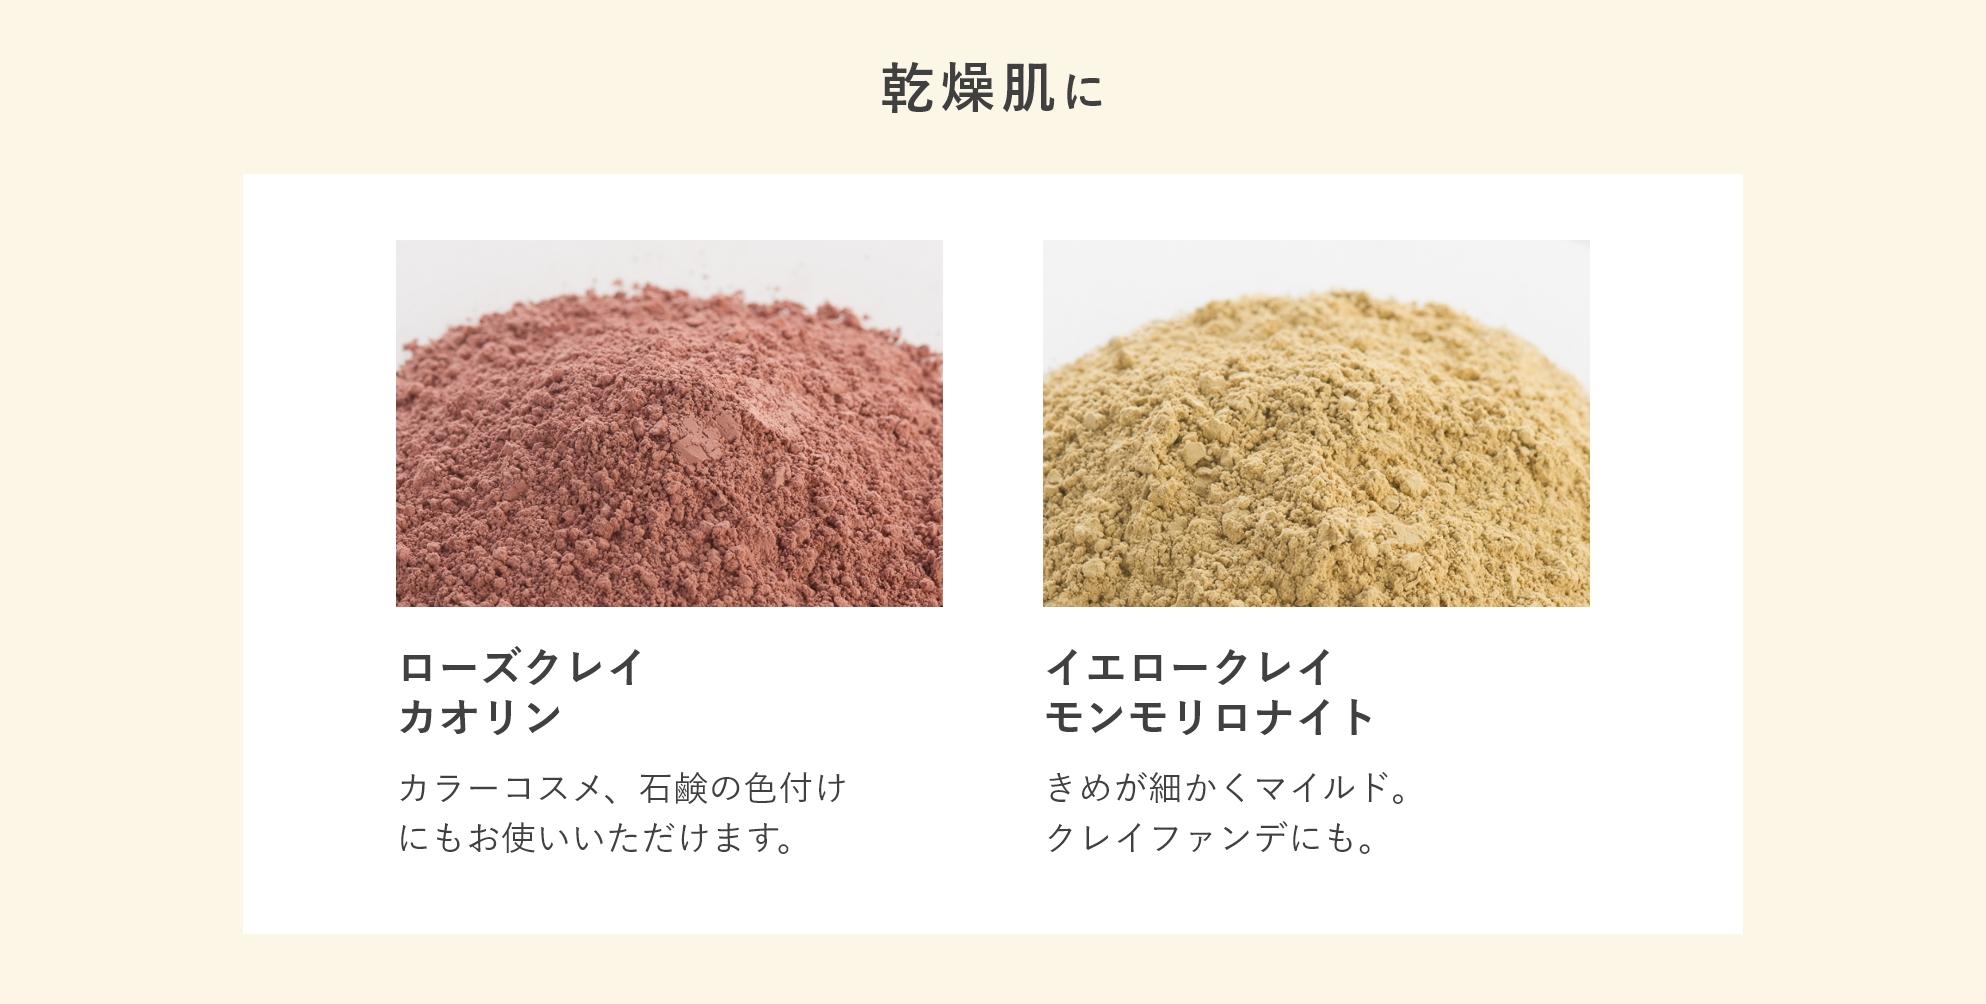 クレイ石鹸で肌ぴかぴか。毛穴汚れをよく落とし、くすみを防ぐ効果があります。宝石石鹸にも